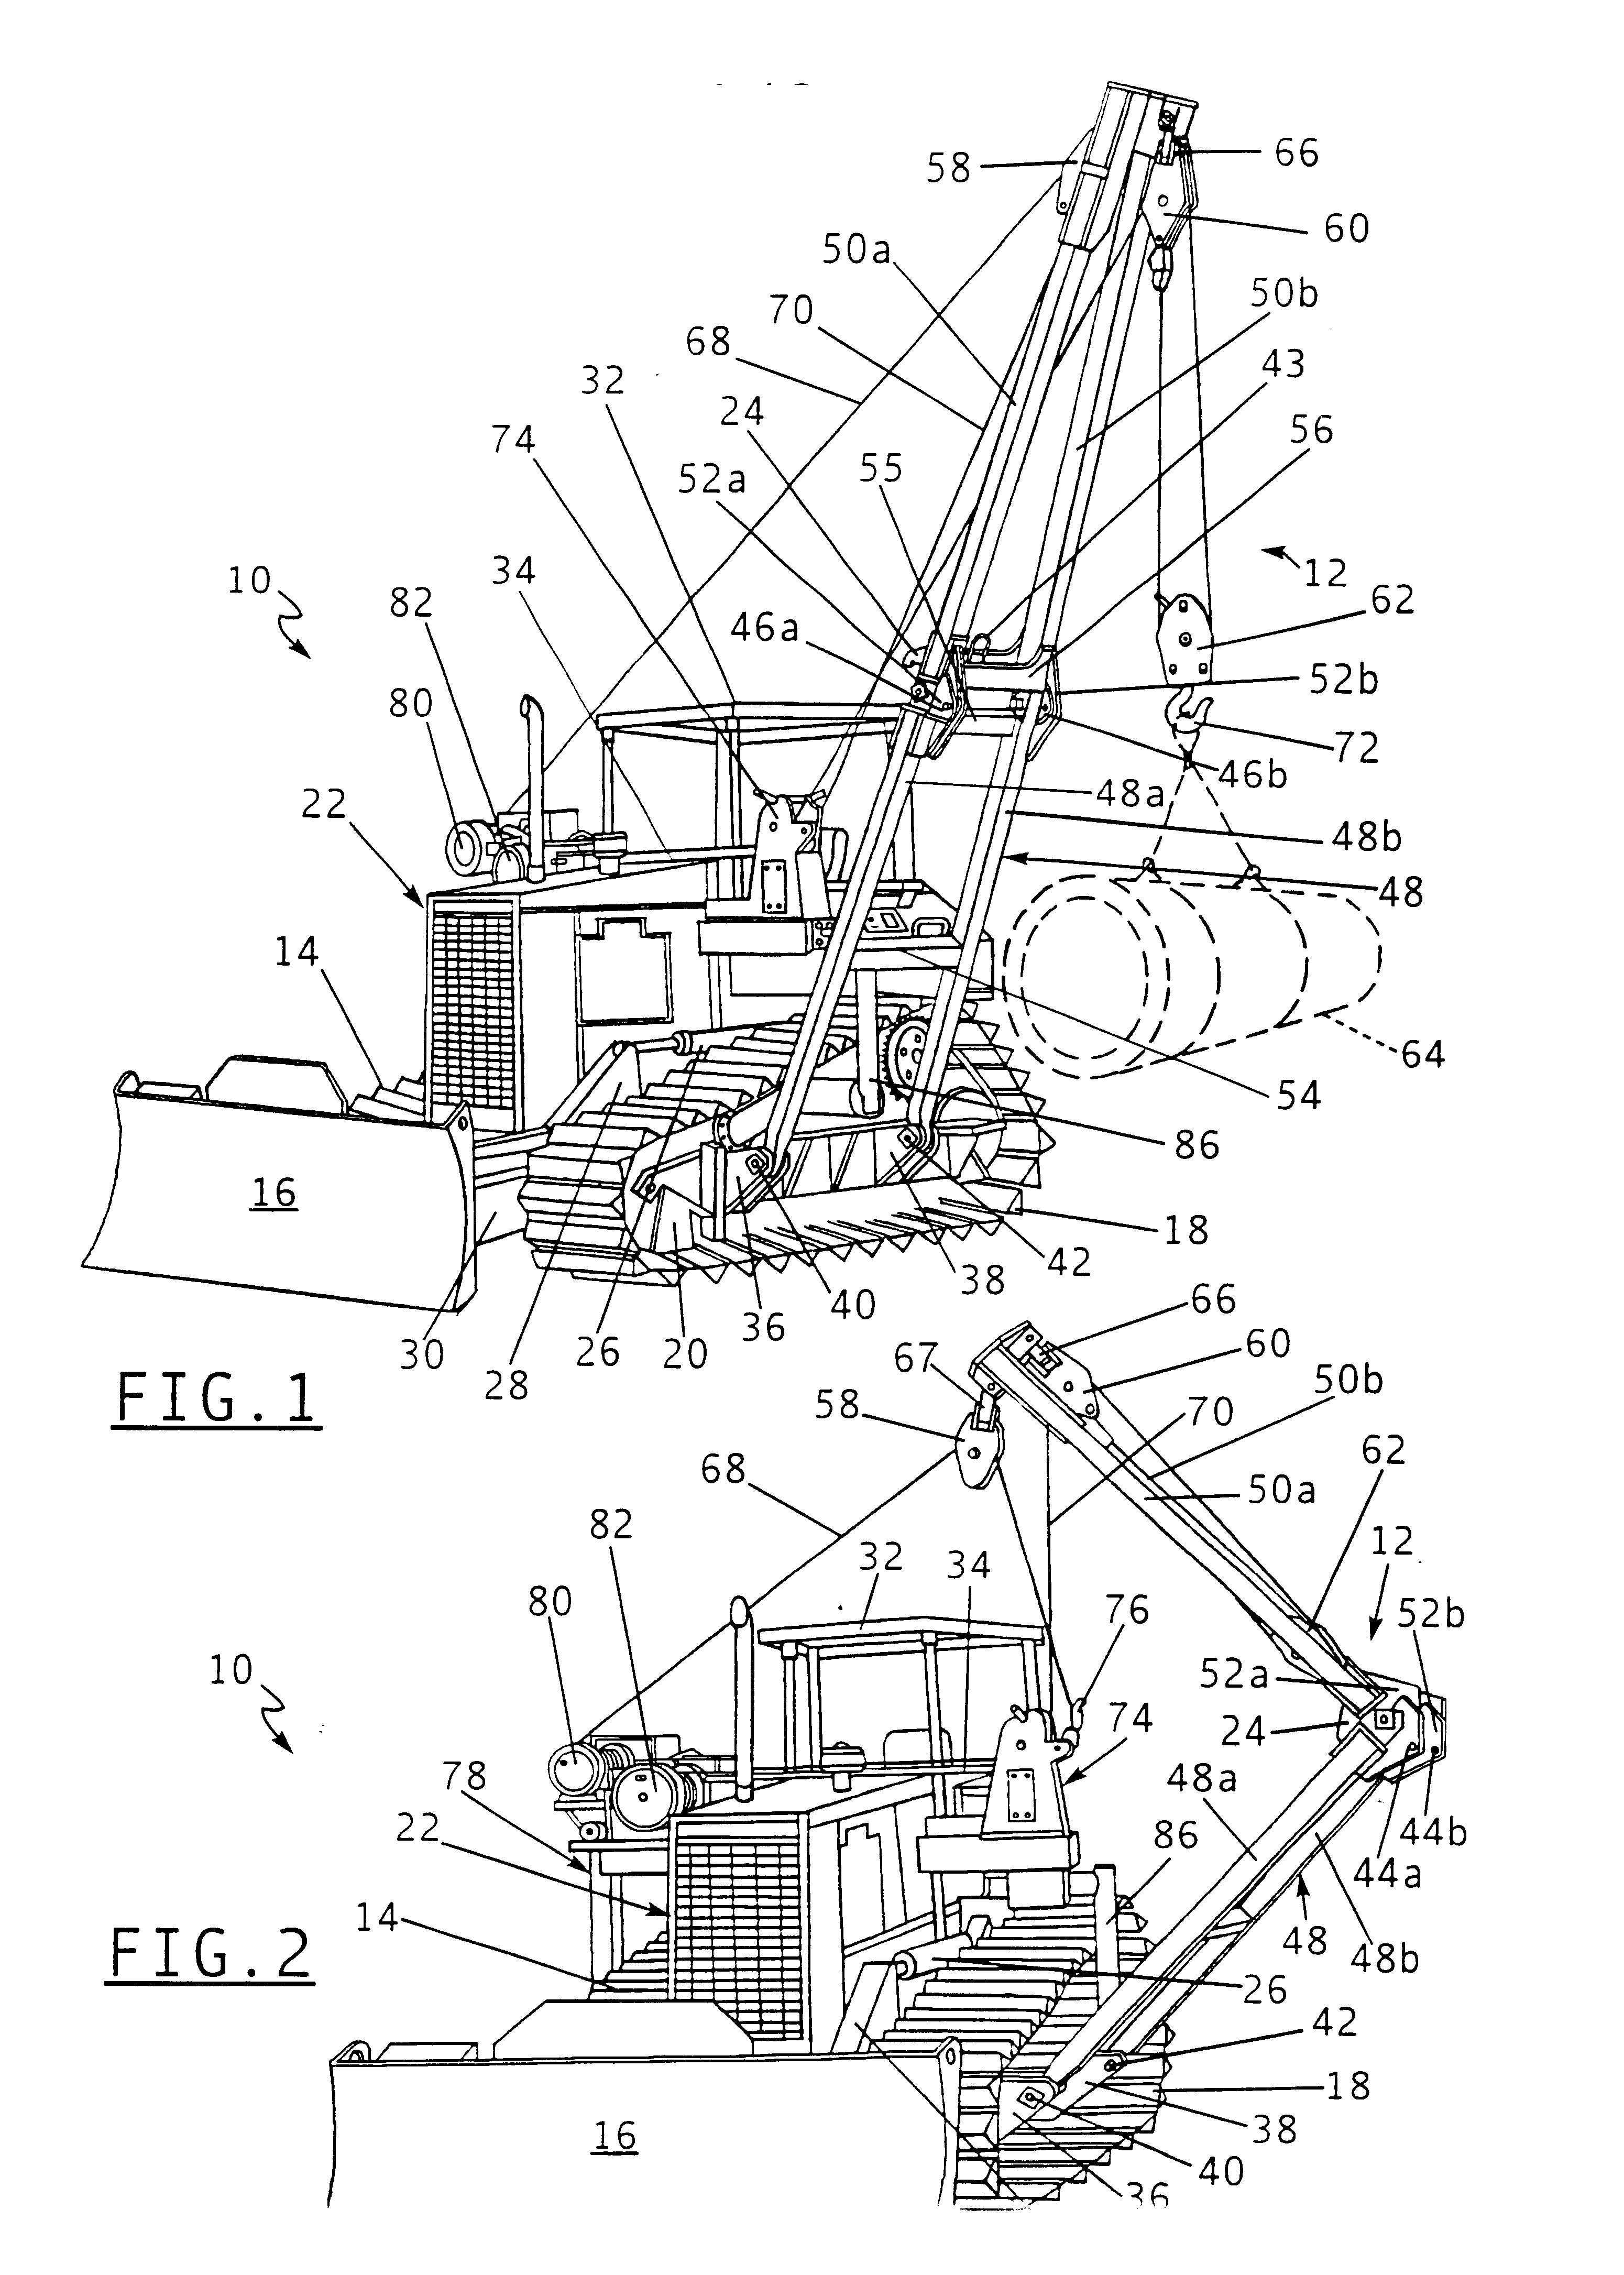 posatubi  pipelayer-posatubi US06609622-20030826-D00001